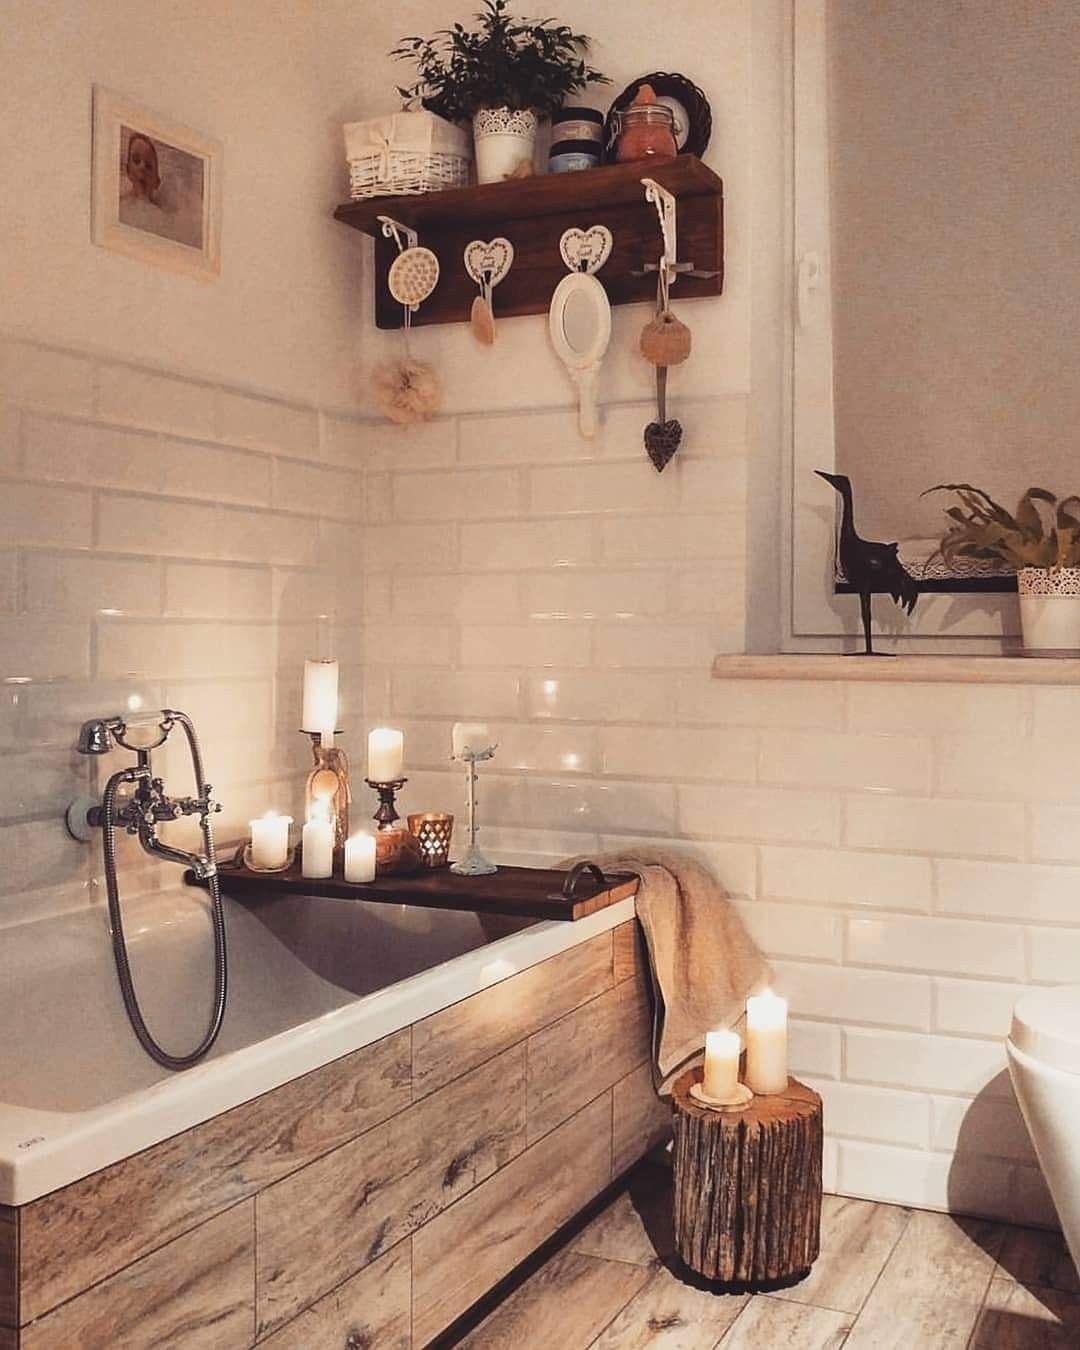 Pinterest : whywhyn0t   Wohnung badezimmer, Haus interieurs ...